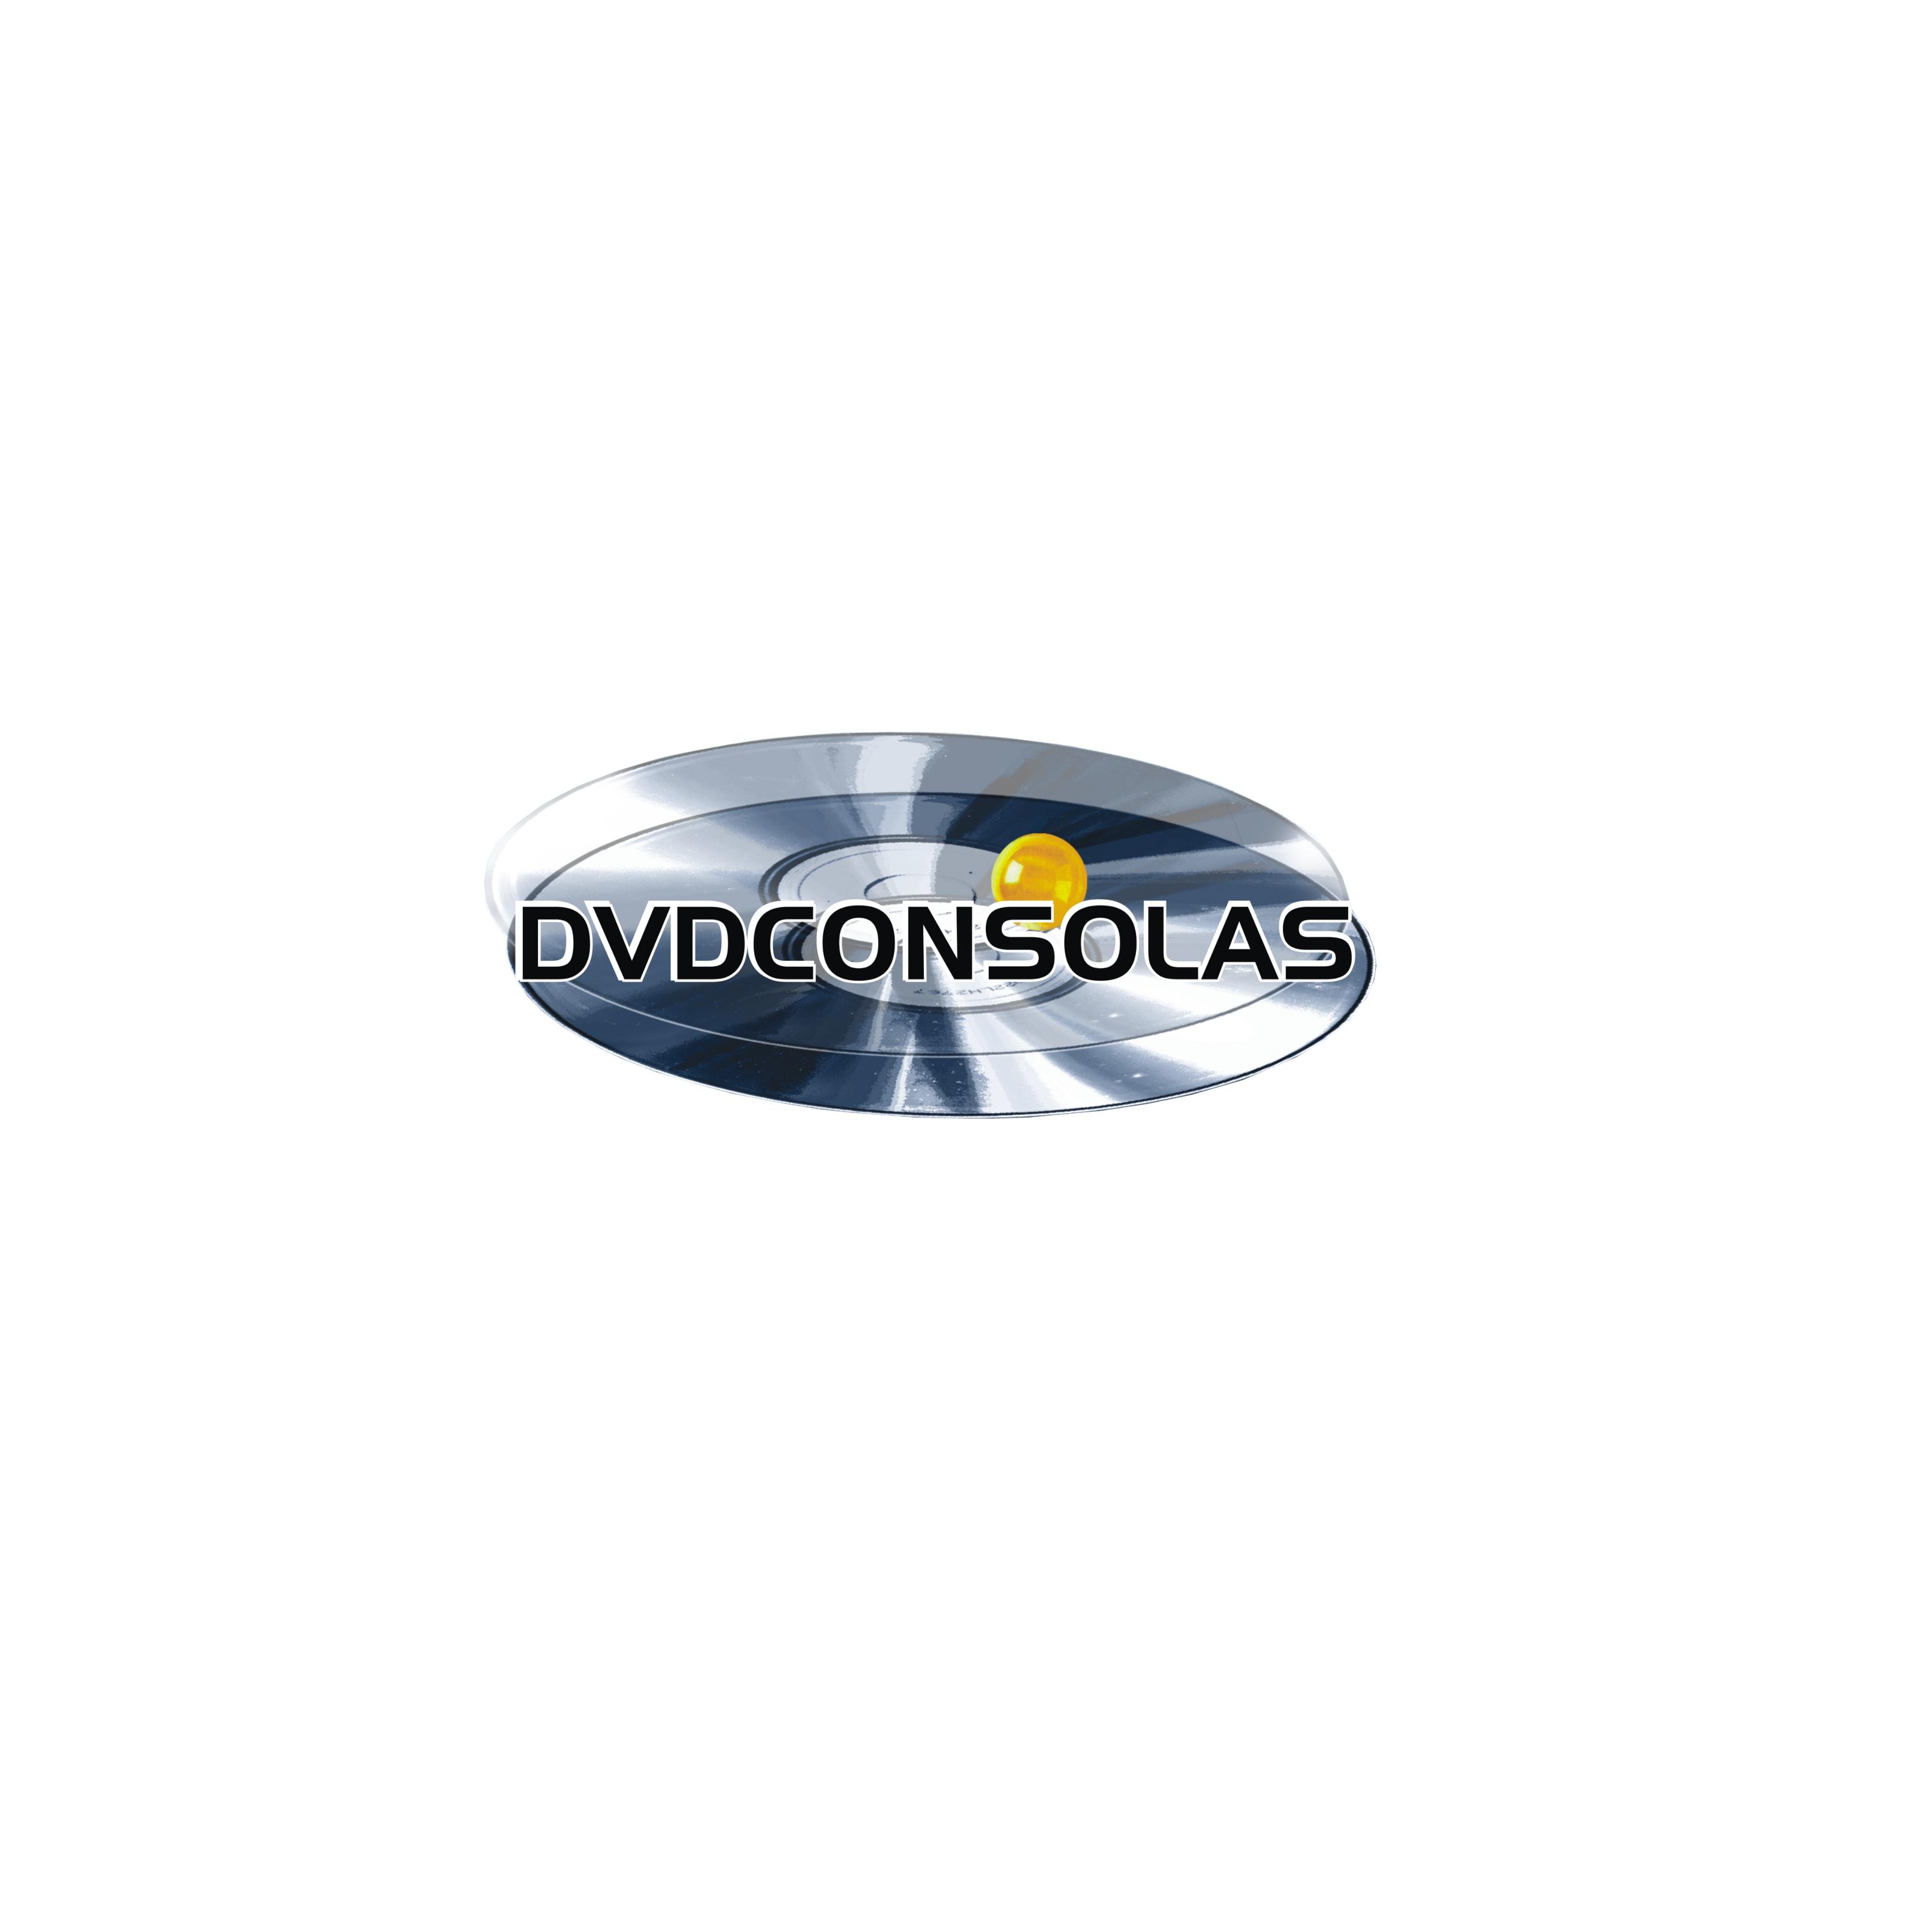 DVDCONSOLAS | Reparación y Venta de Telefonía, Tablets, Consolas, Informática, TV, etc